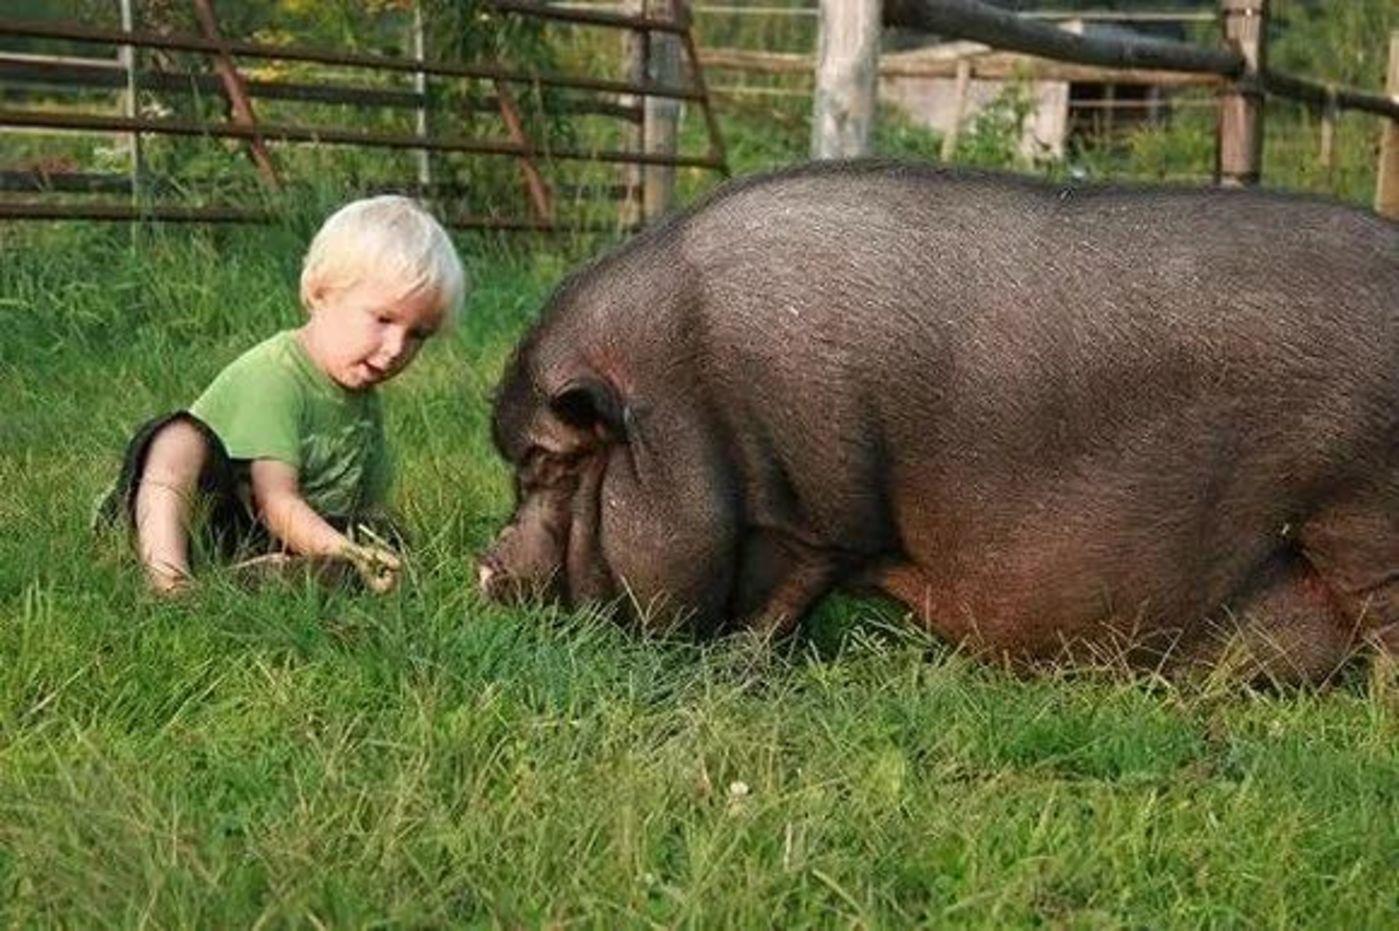 把猪当宠物:买猪一时爽,长肥屠宰场